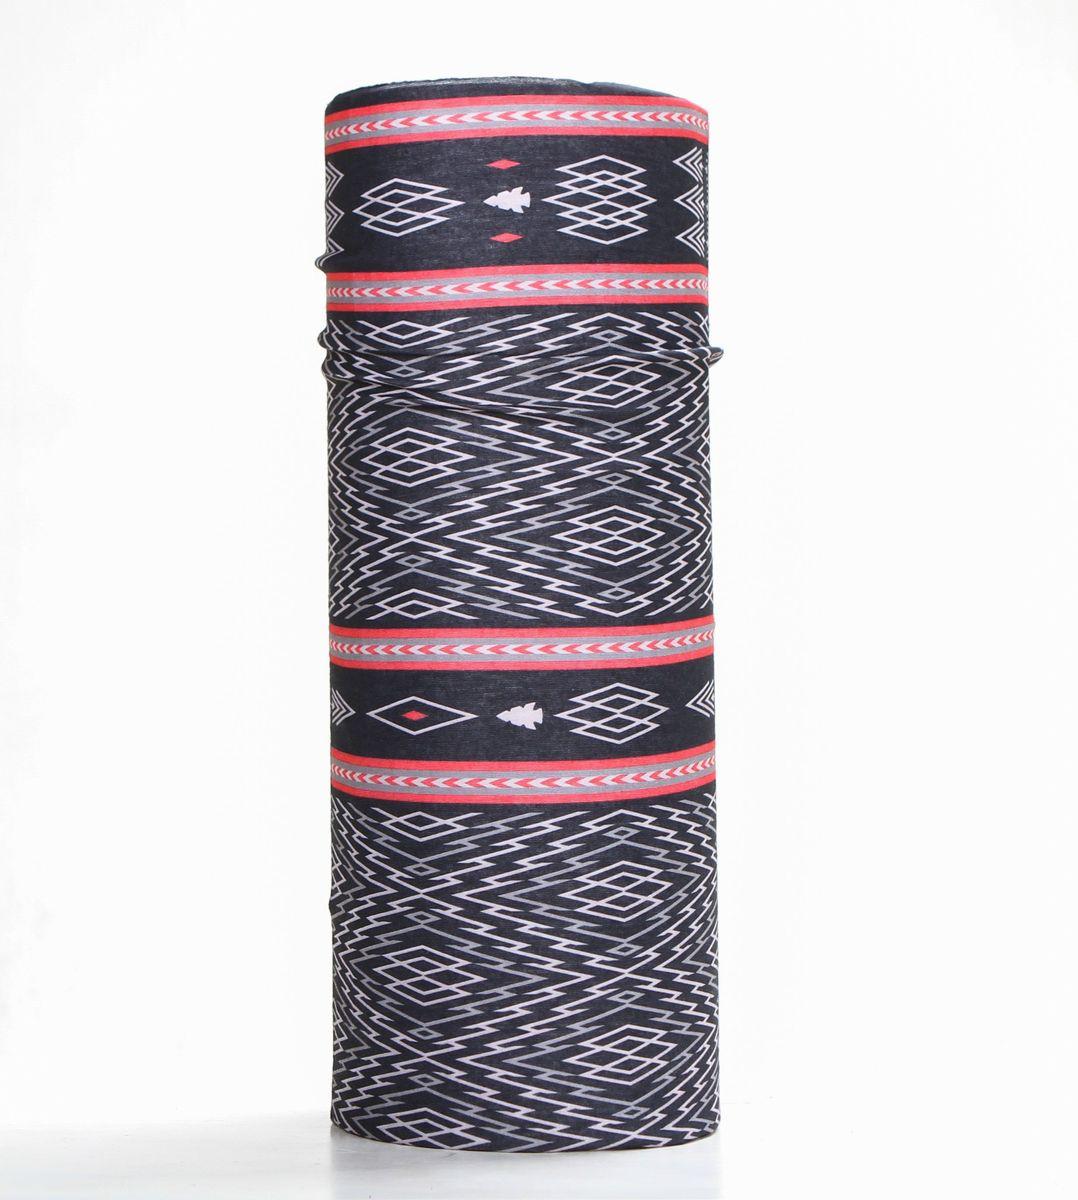 Шарф15-16Мультишарфы можно встретить под разными названиями: мультишарф, мультибандана, платок трансформер, Baff, но вне зависимости от того как Вы назовете этот аксессуар, его уникальные возможности останутся неизменными. Вы с легкостью и удобством можете одеть этот мультишарф на голову и шею 12 различными способами. В сильные морозы, пронизывающий ветер или пыльную бурю - с мультишарфом Вы будуте готовы к любым капризам природы Авторская работа.